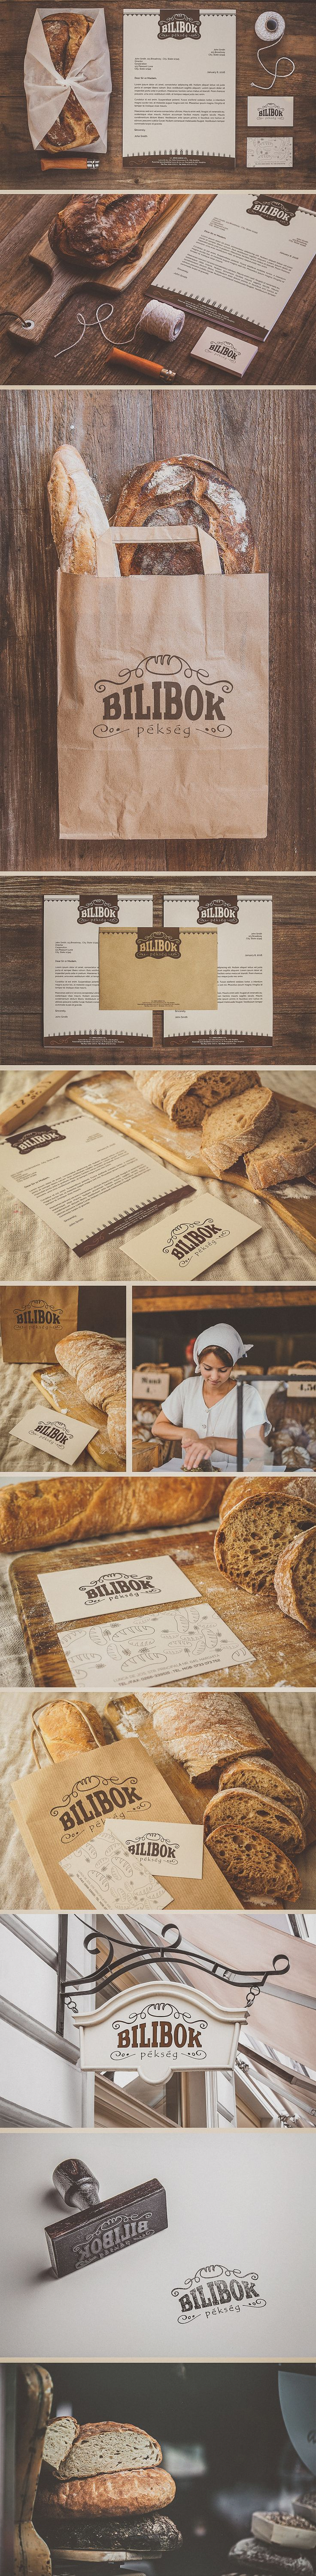 Bilibok Bakery Branding on Behance